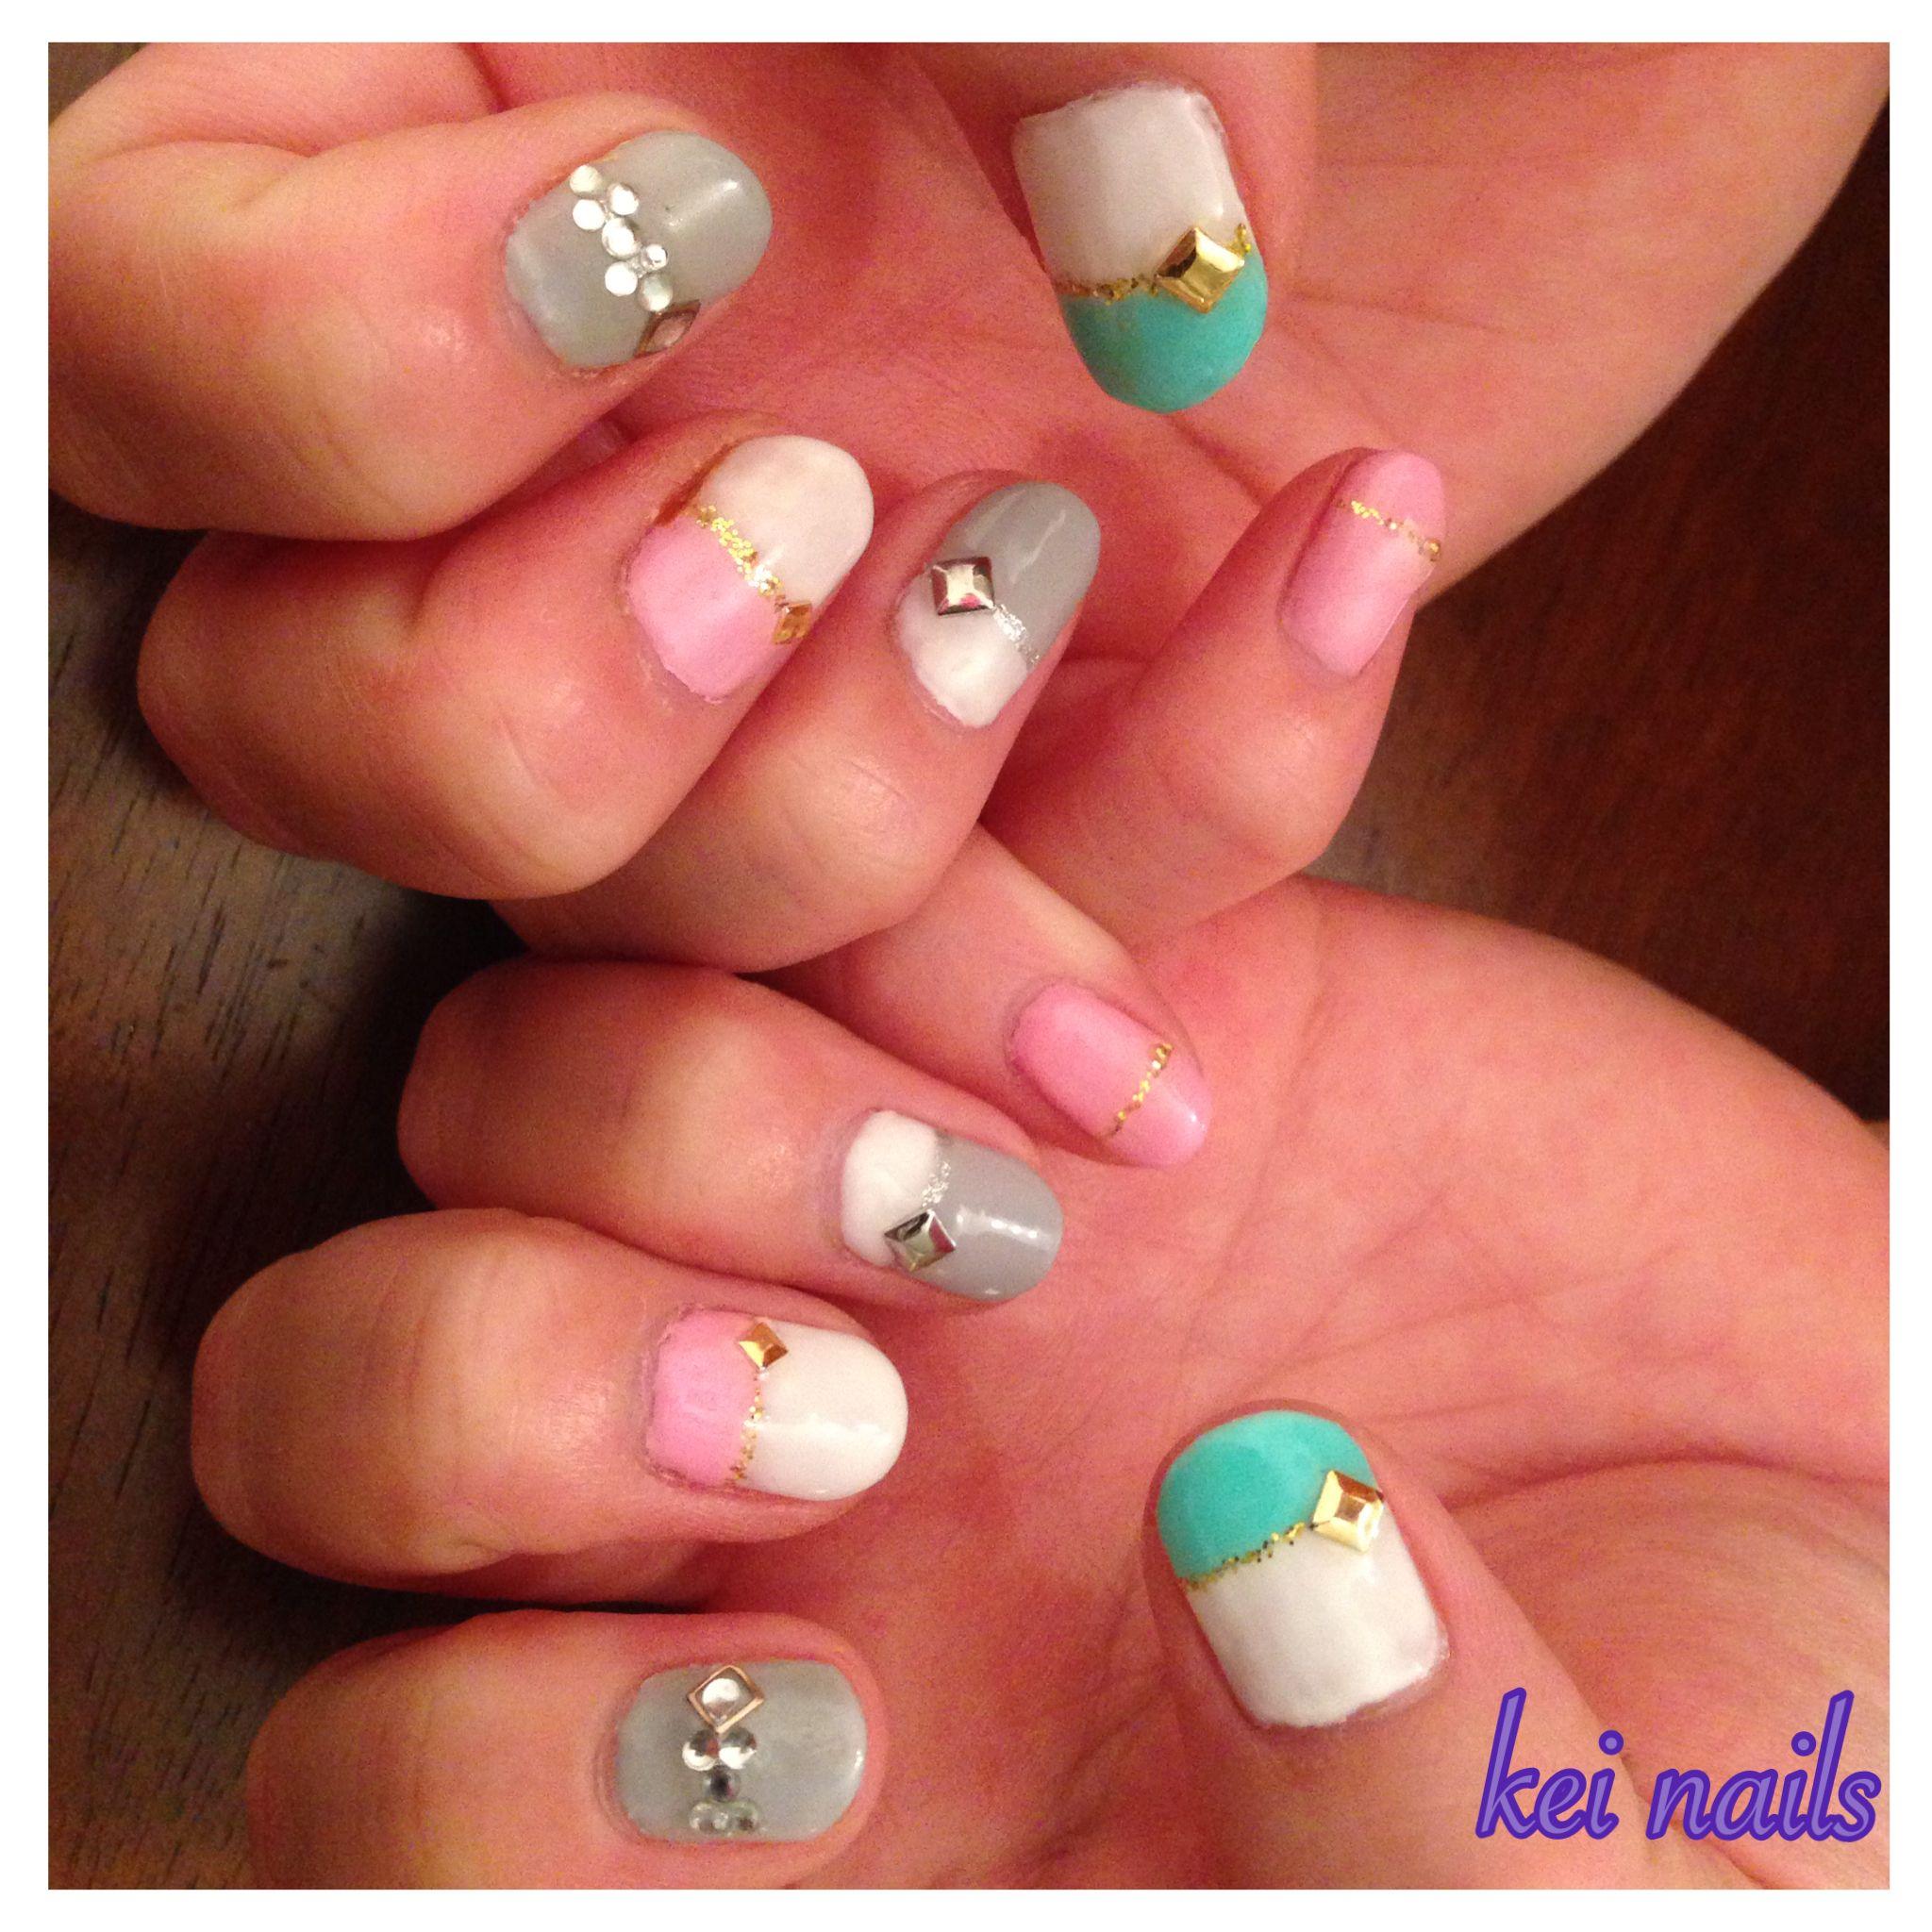 Self Gel Nail Pastel Color W Gems